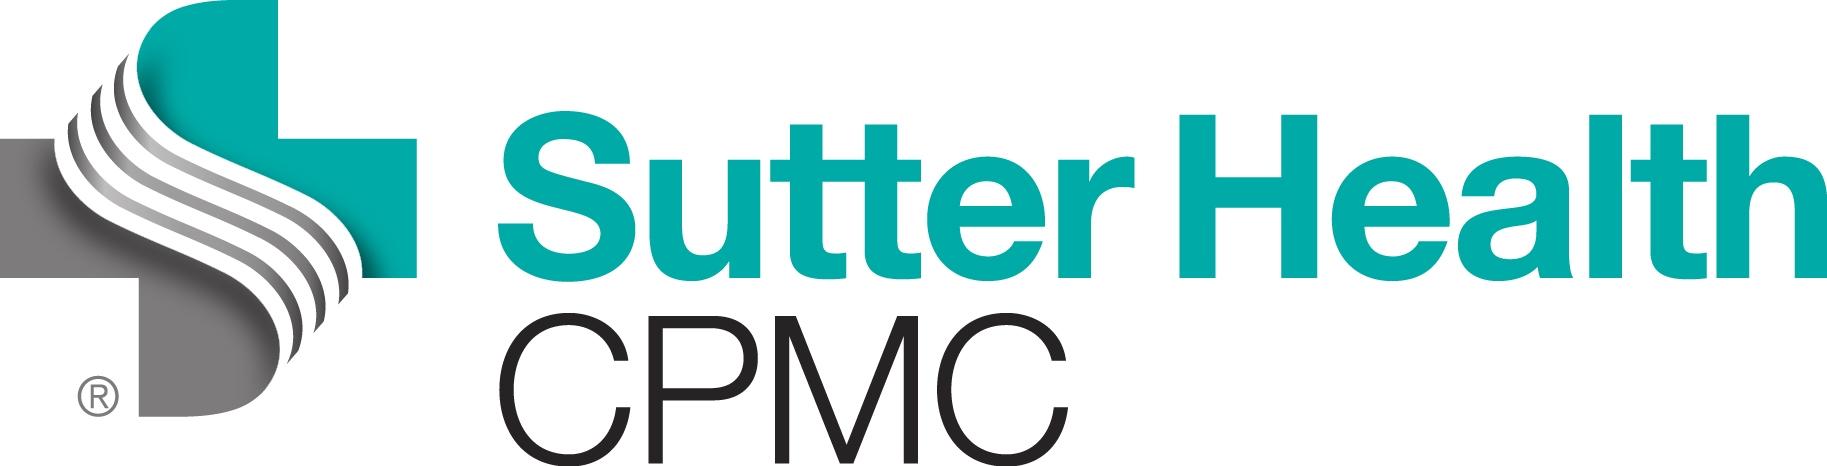 Cpmc logo